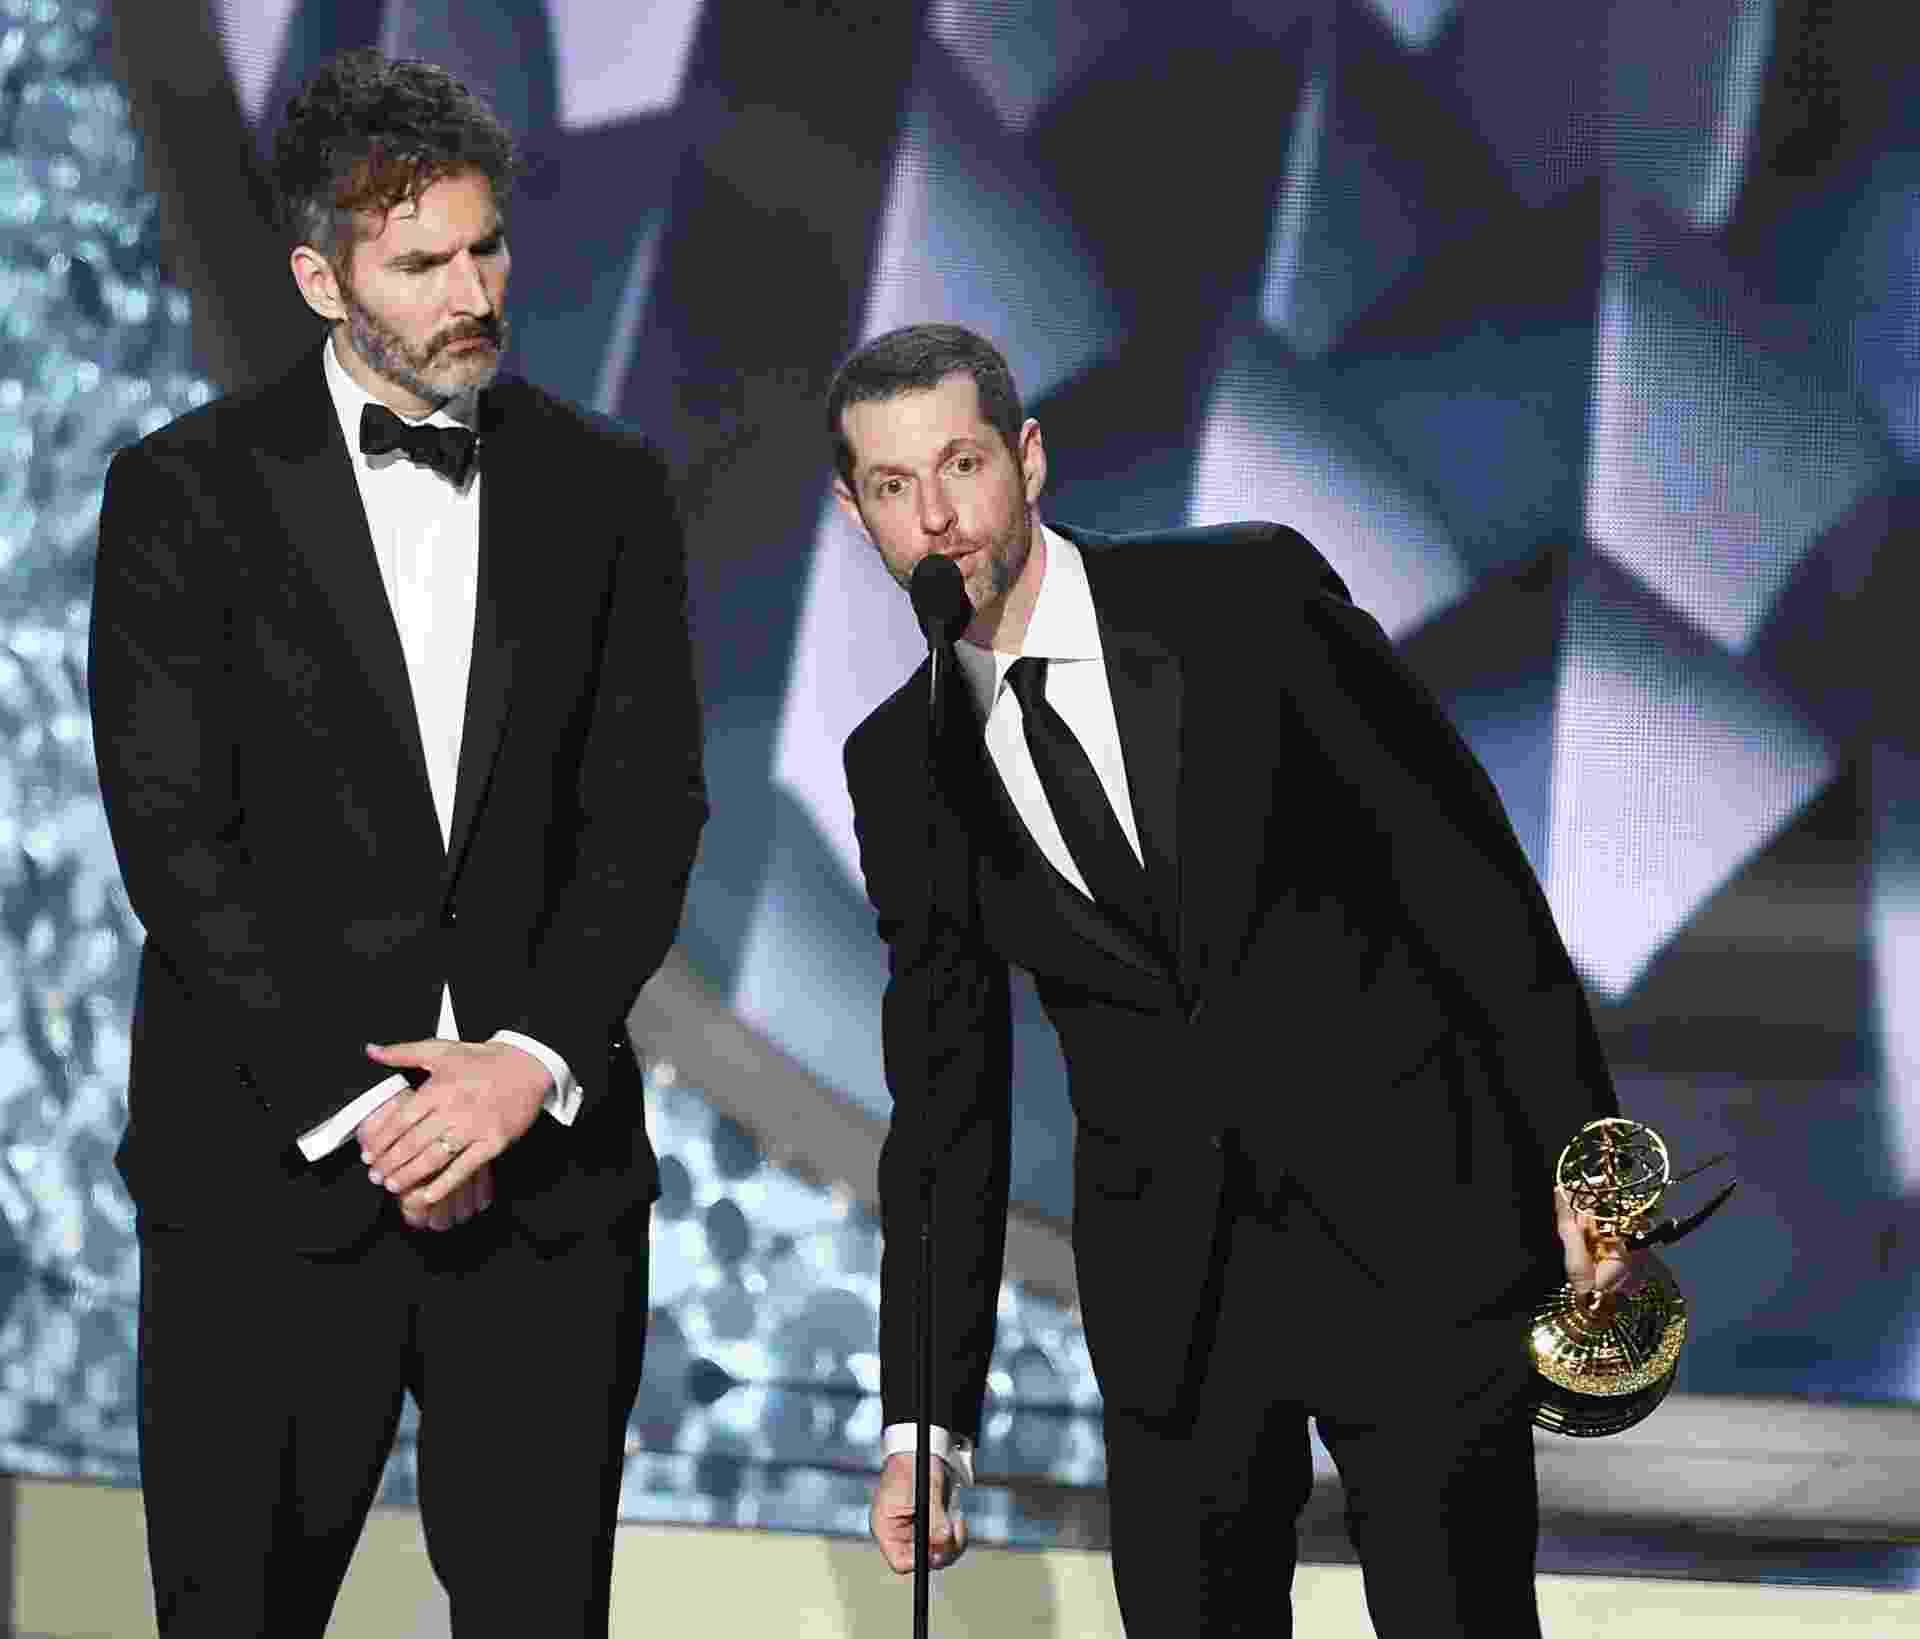 """18.set.2016 - David Benioff e D.B. Weiss, criadores de """"Game of Thrones"""", aceitam o prêmio de melhor roteiro em série dramática no Emmy 2016. Eles venceram pelo episódio """"Battle of the Bastards"""" - Kevin Winter/Getty Images"""